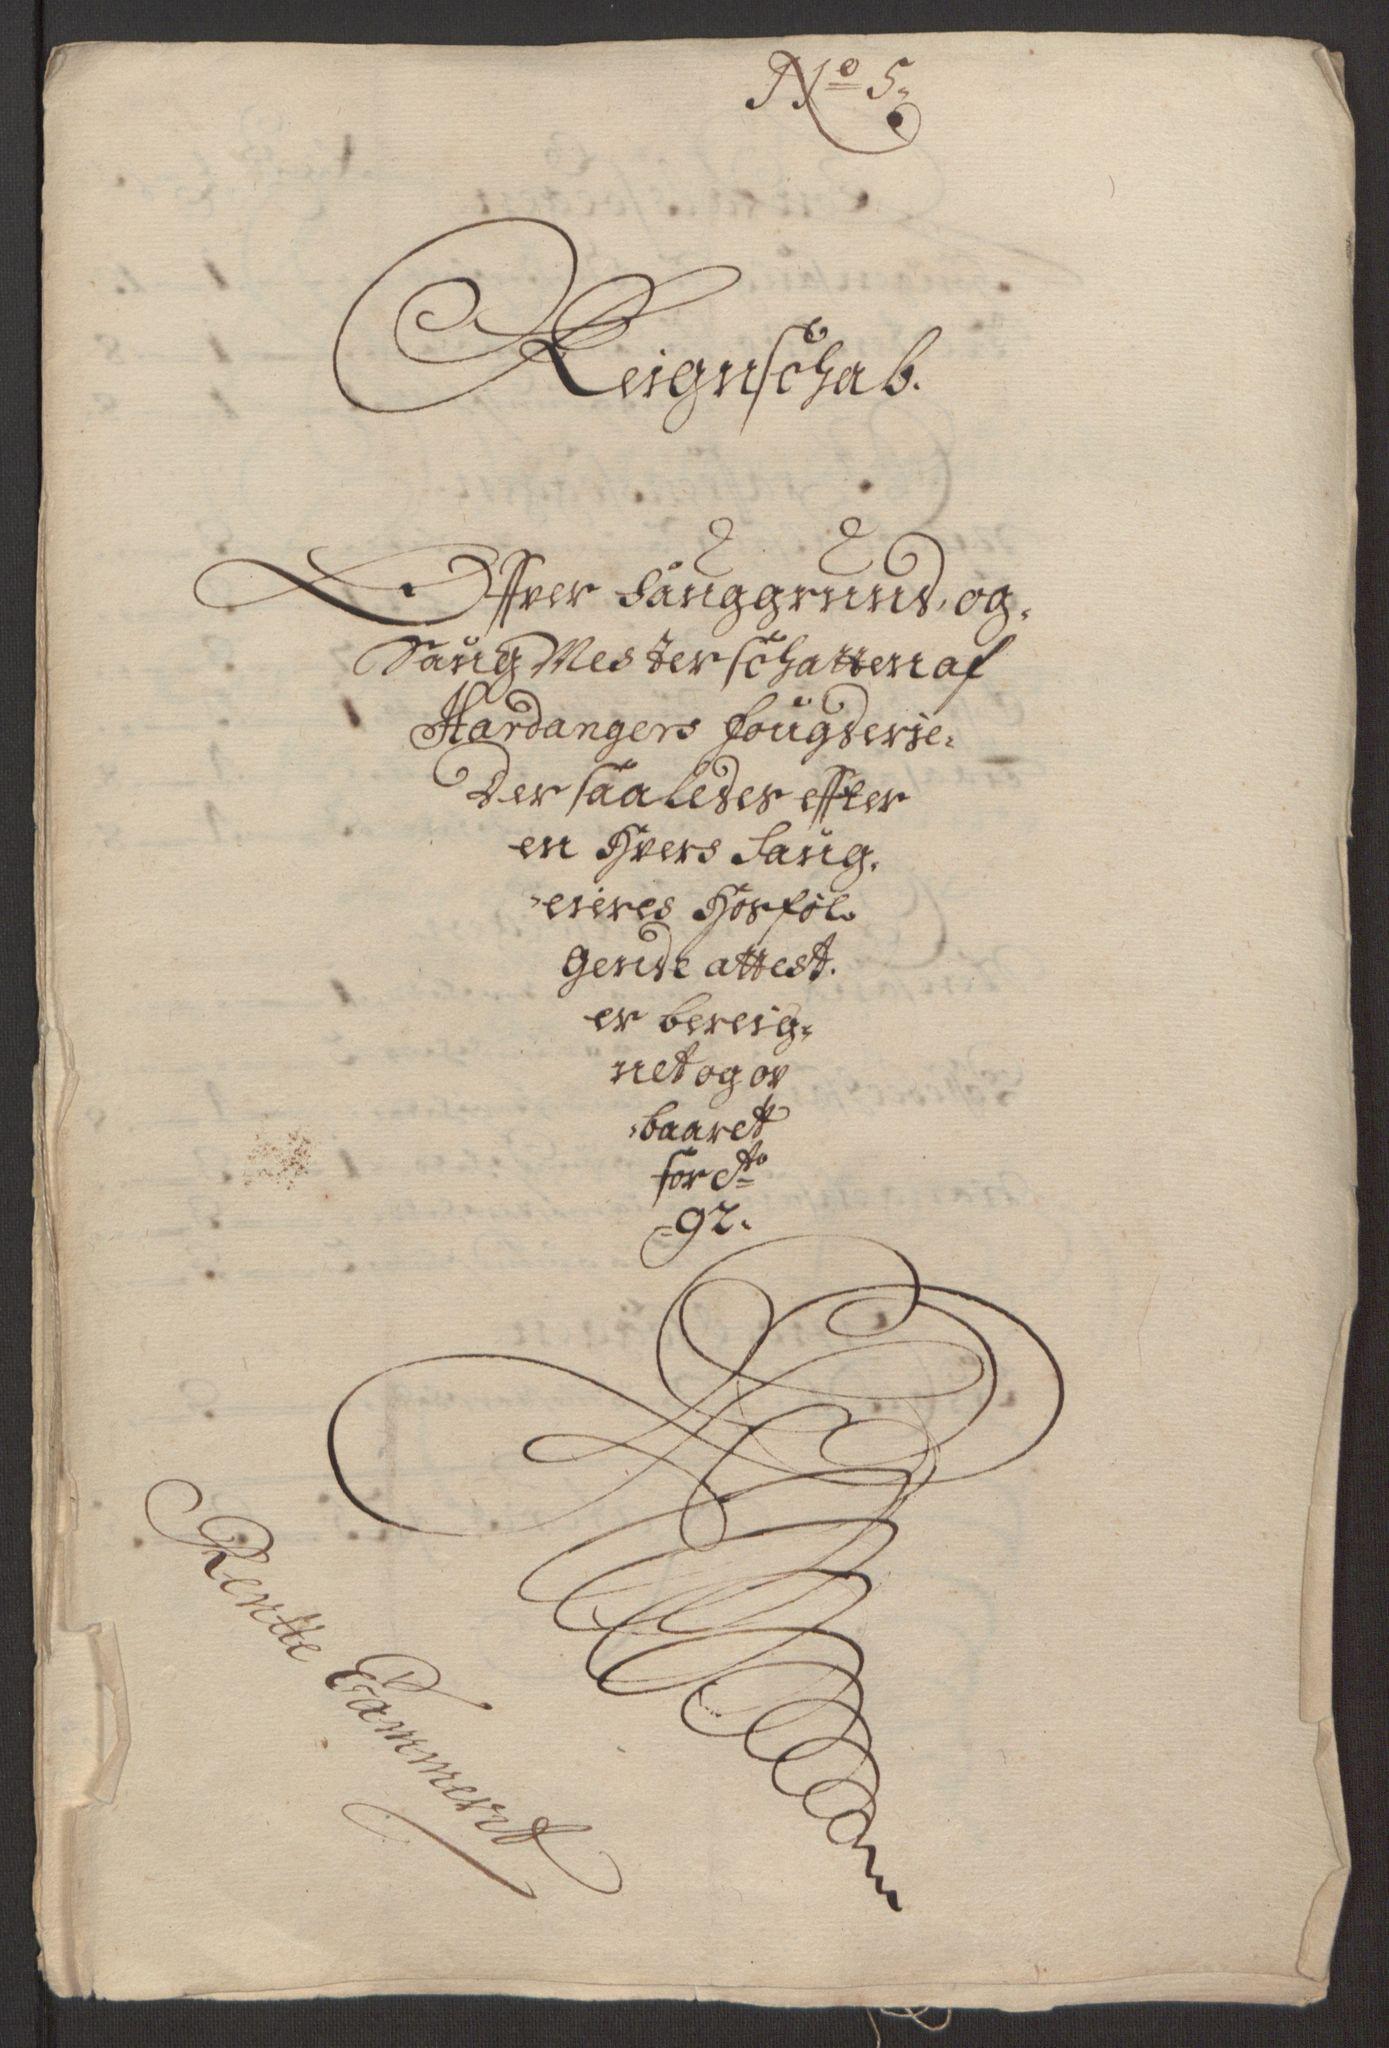 RA, Rentekammeret inntil 1814, Reviderte regnskaper, Fogderegnskap, R48/L2973: Fogderegnskap Sunnhordland og Hardanger, 1691-1692, s. 625